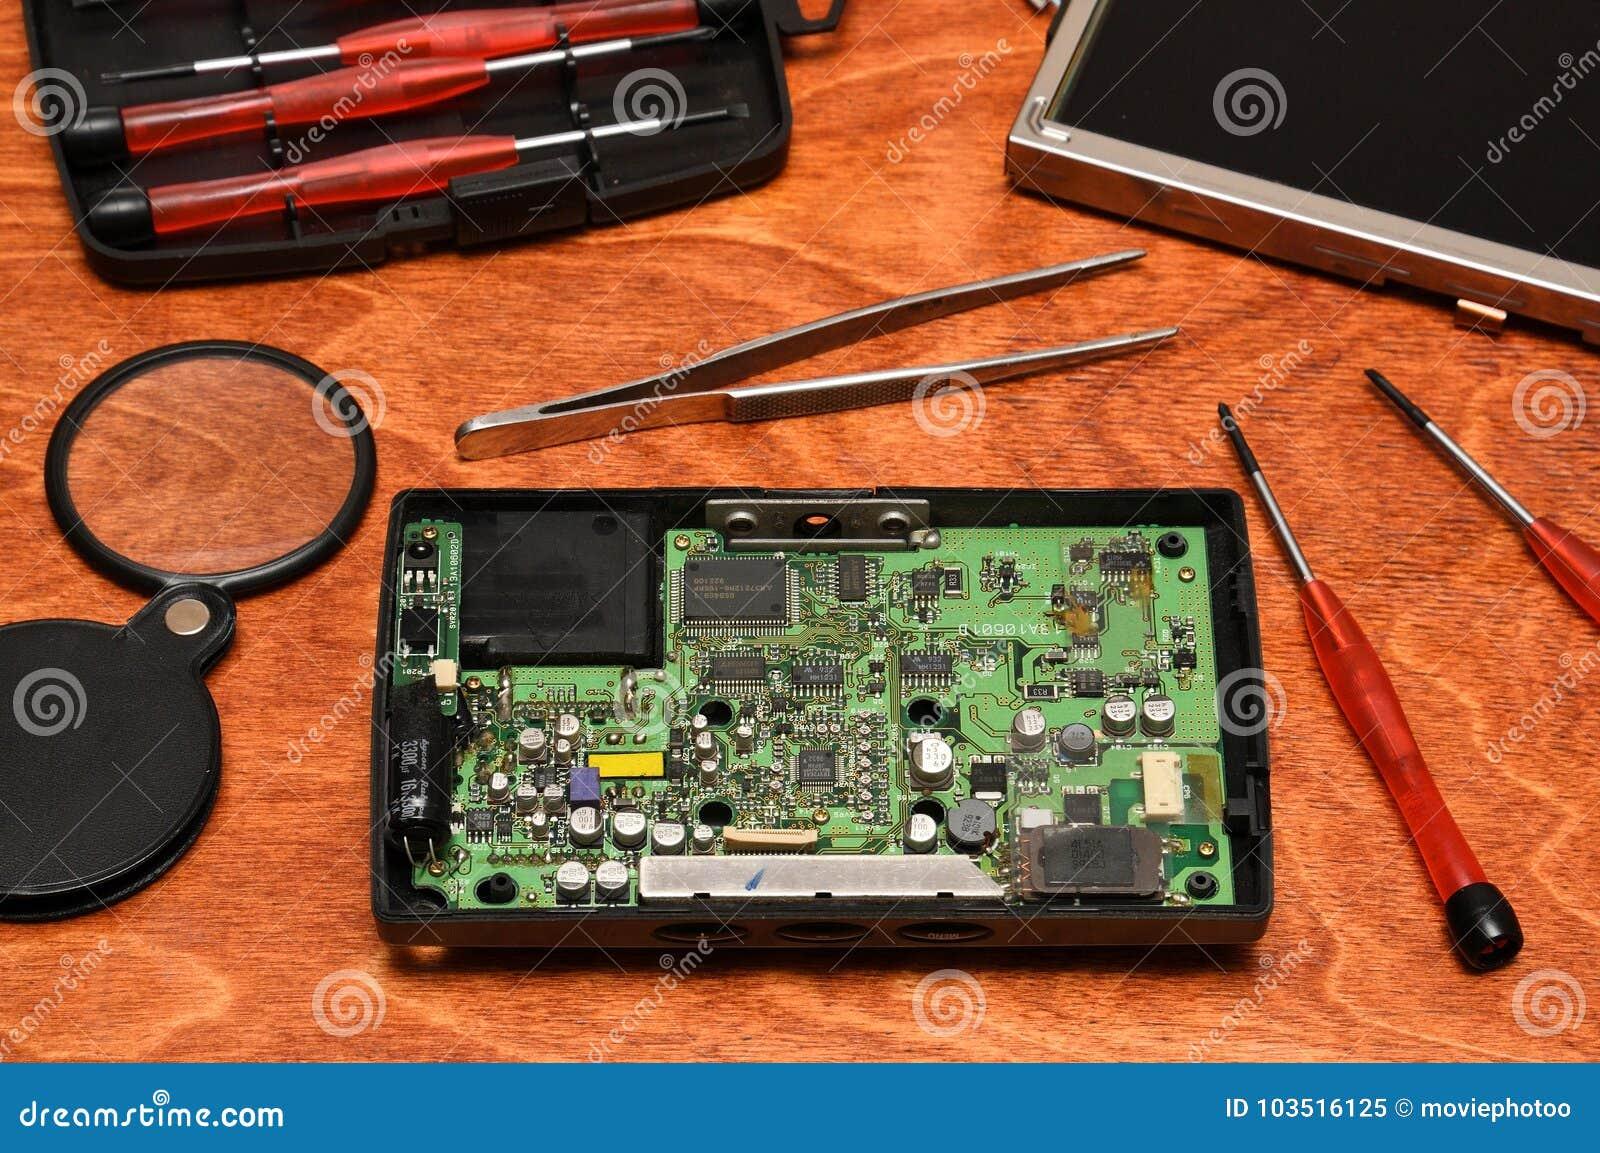 Reparatie van elecronics, smartphones, tabletten en computers